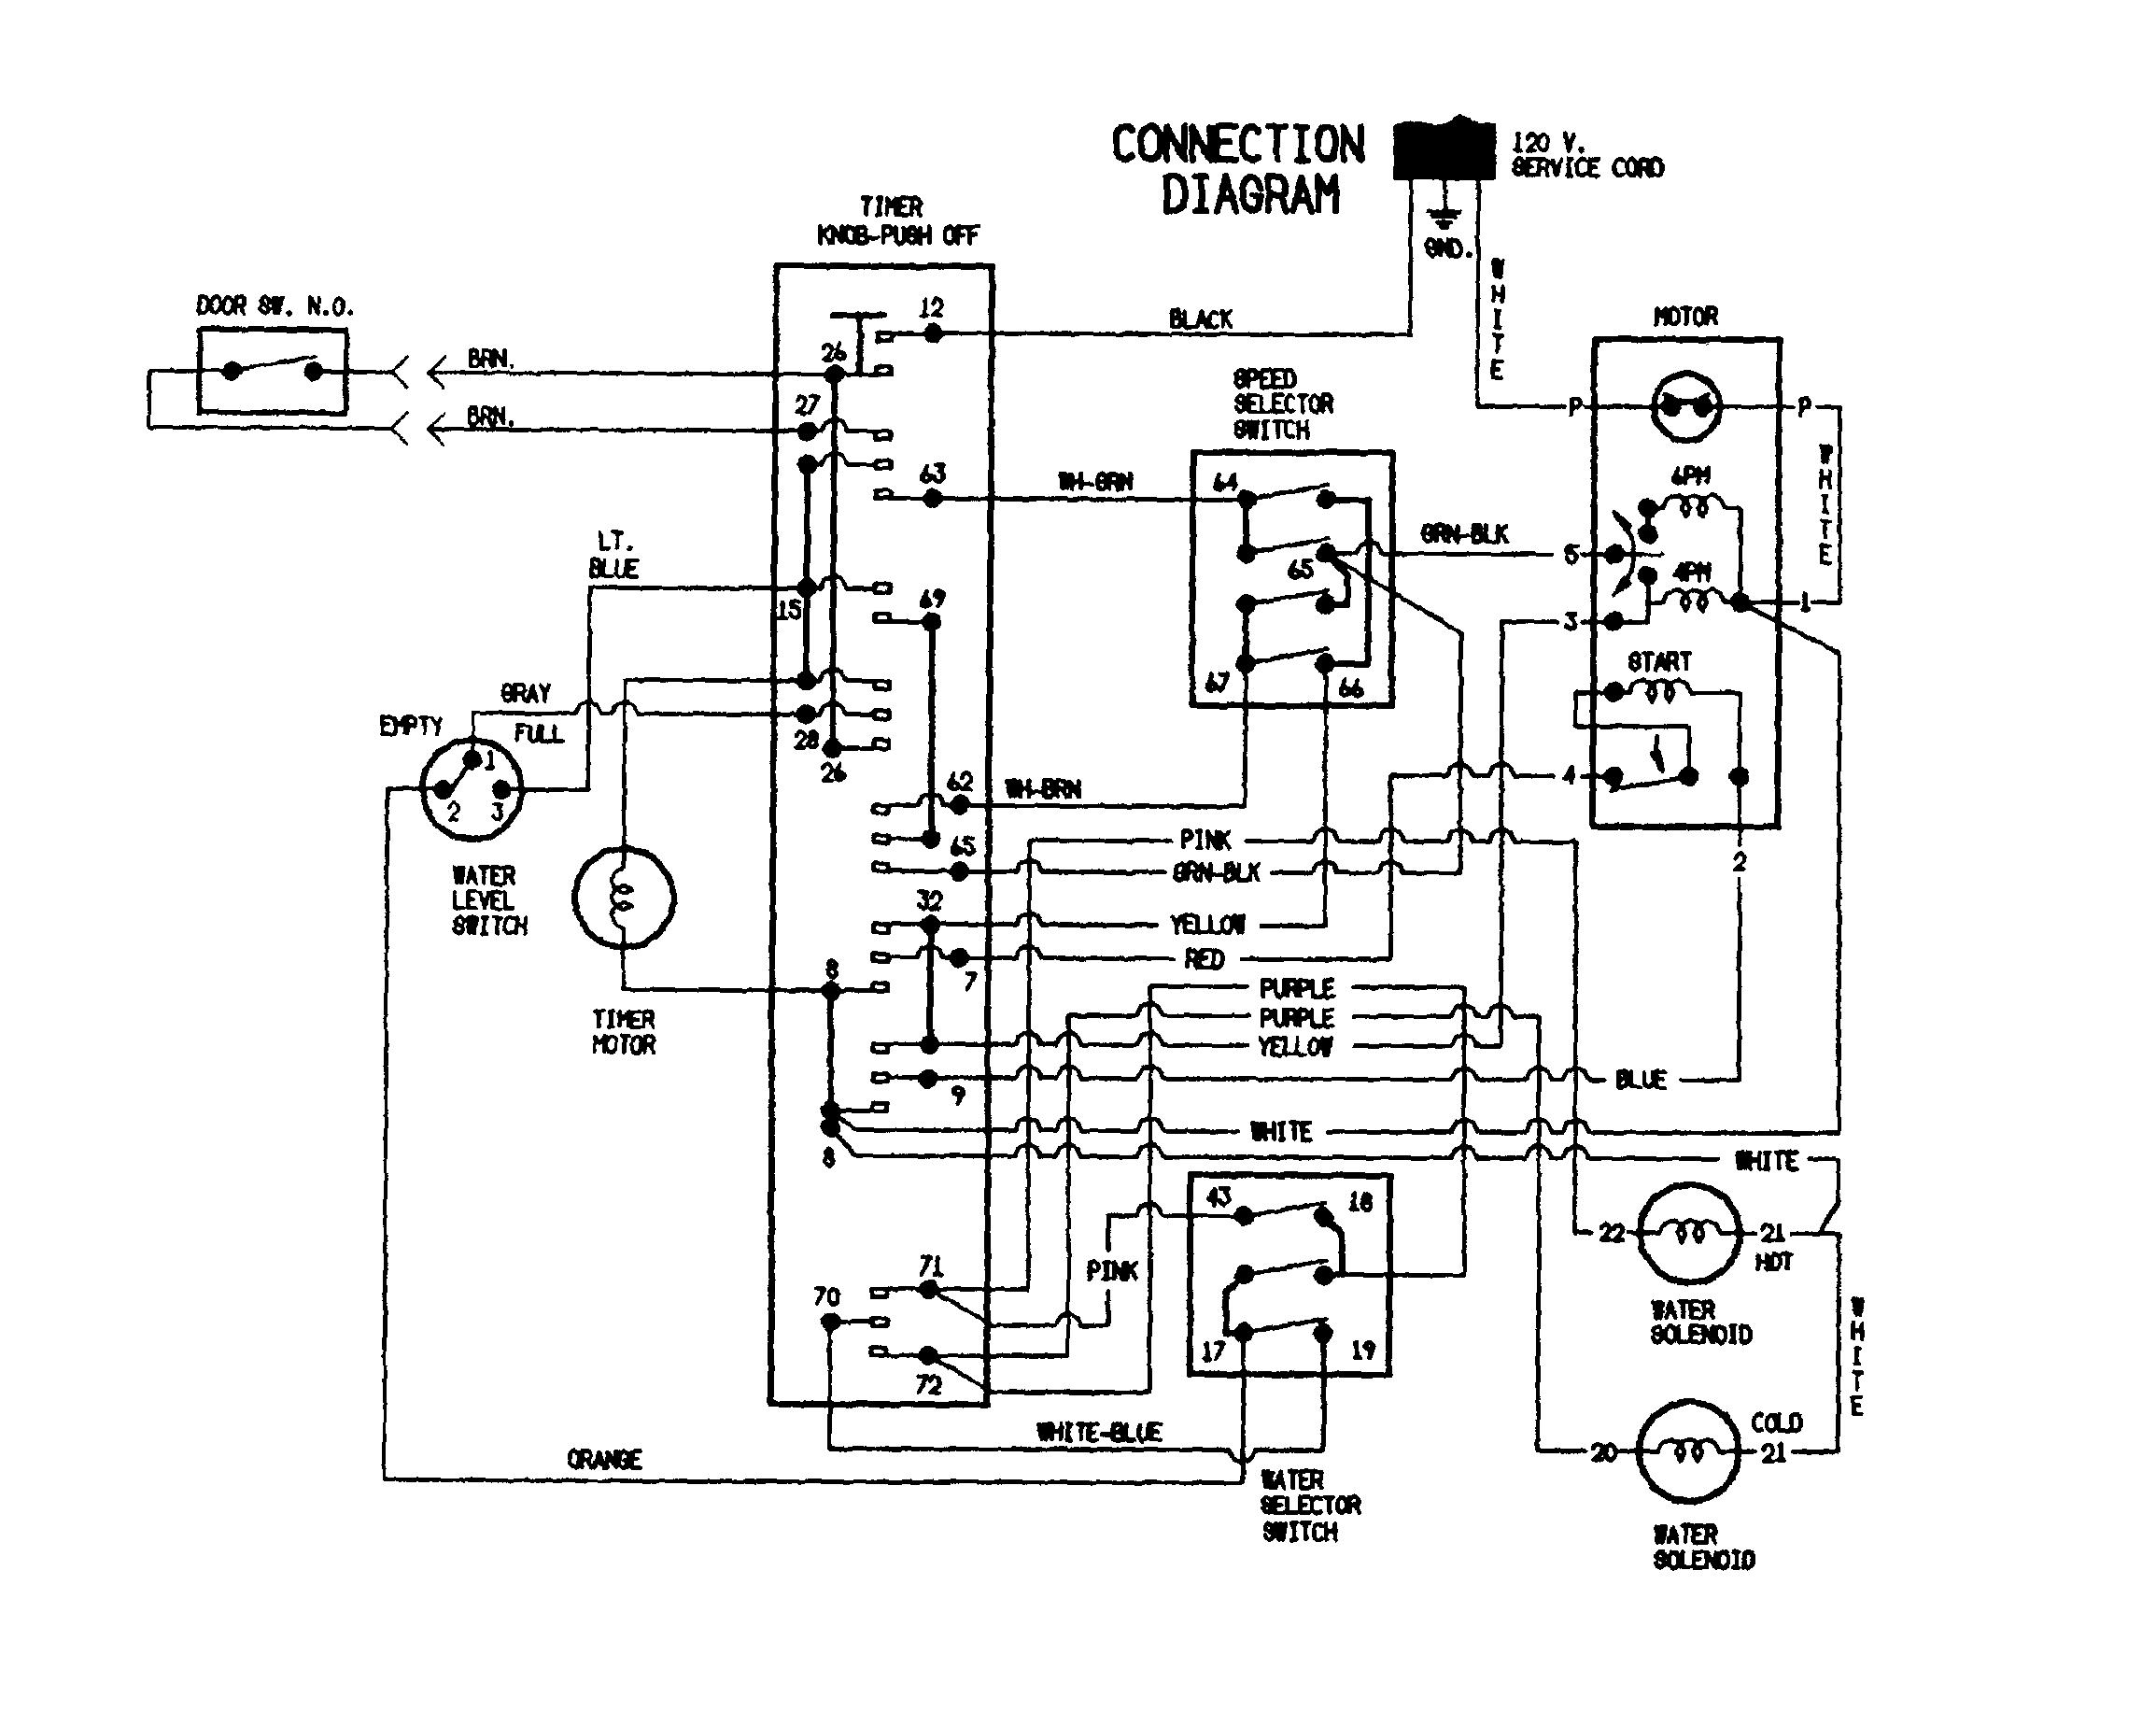 Admiral Dryer Wiring Diagram -1960 Fender Stratocaster Wiring Diagram |  Begeboy Wiring Diagram Source | Admiral Dryer Aed4475tq1 Wiring Diagram |  | Begeboy Wiring Diagram Source